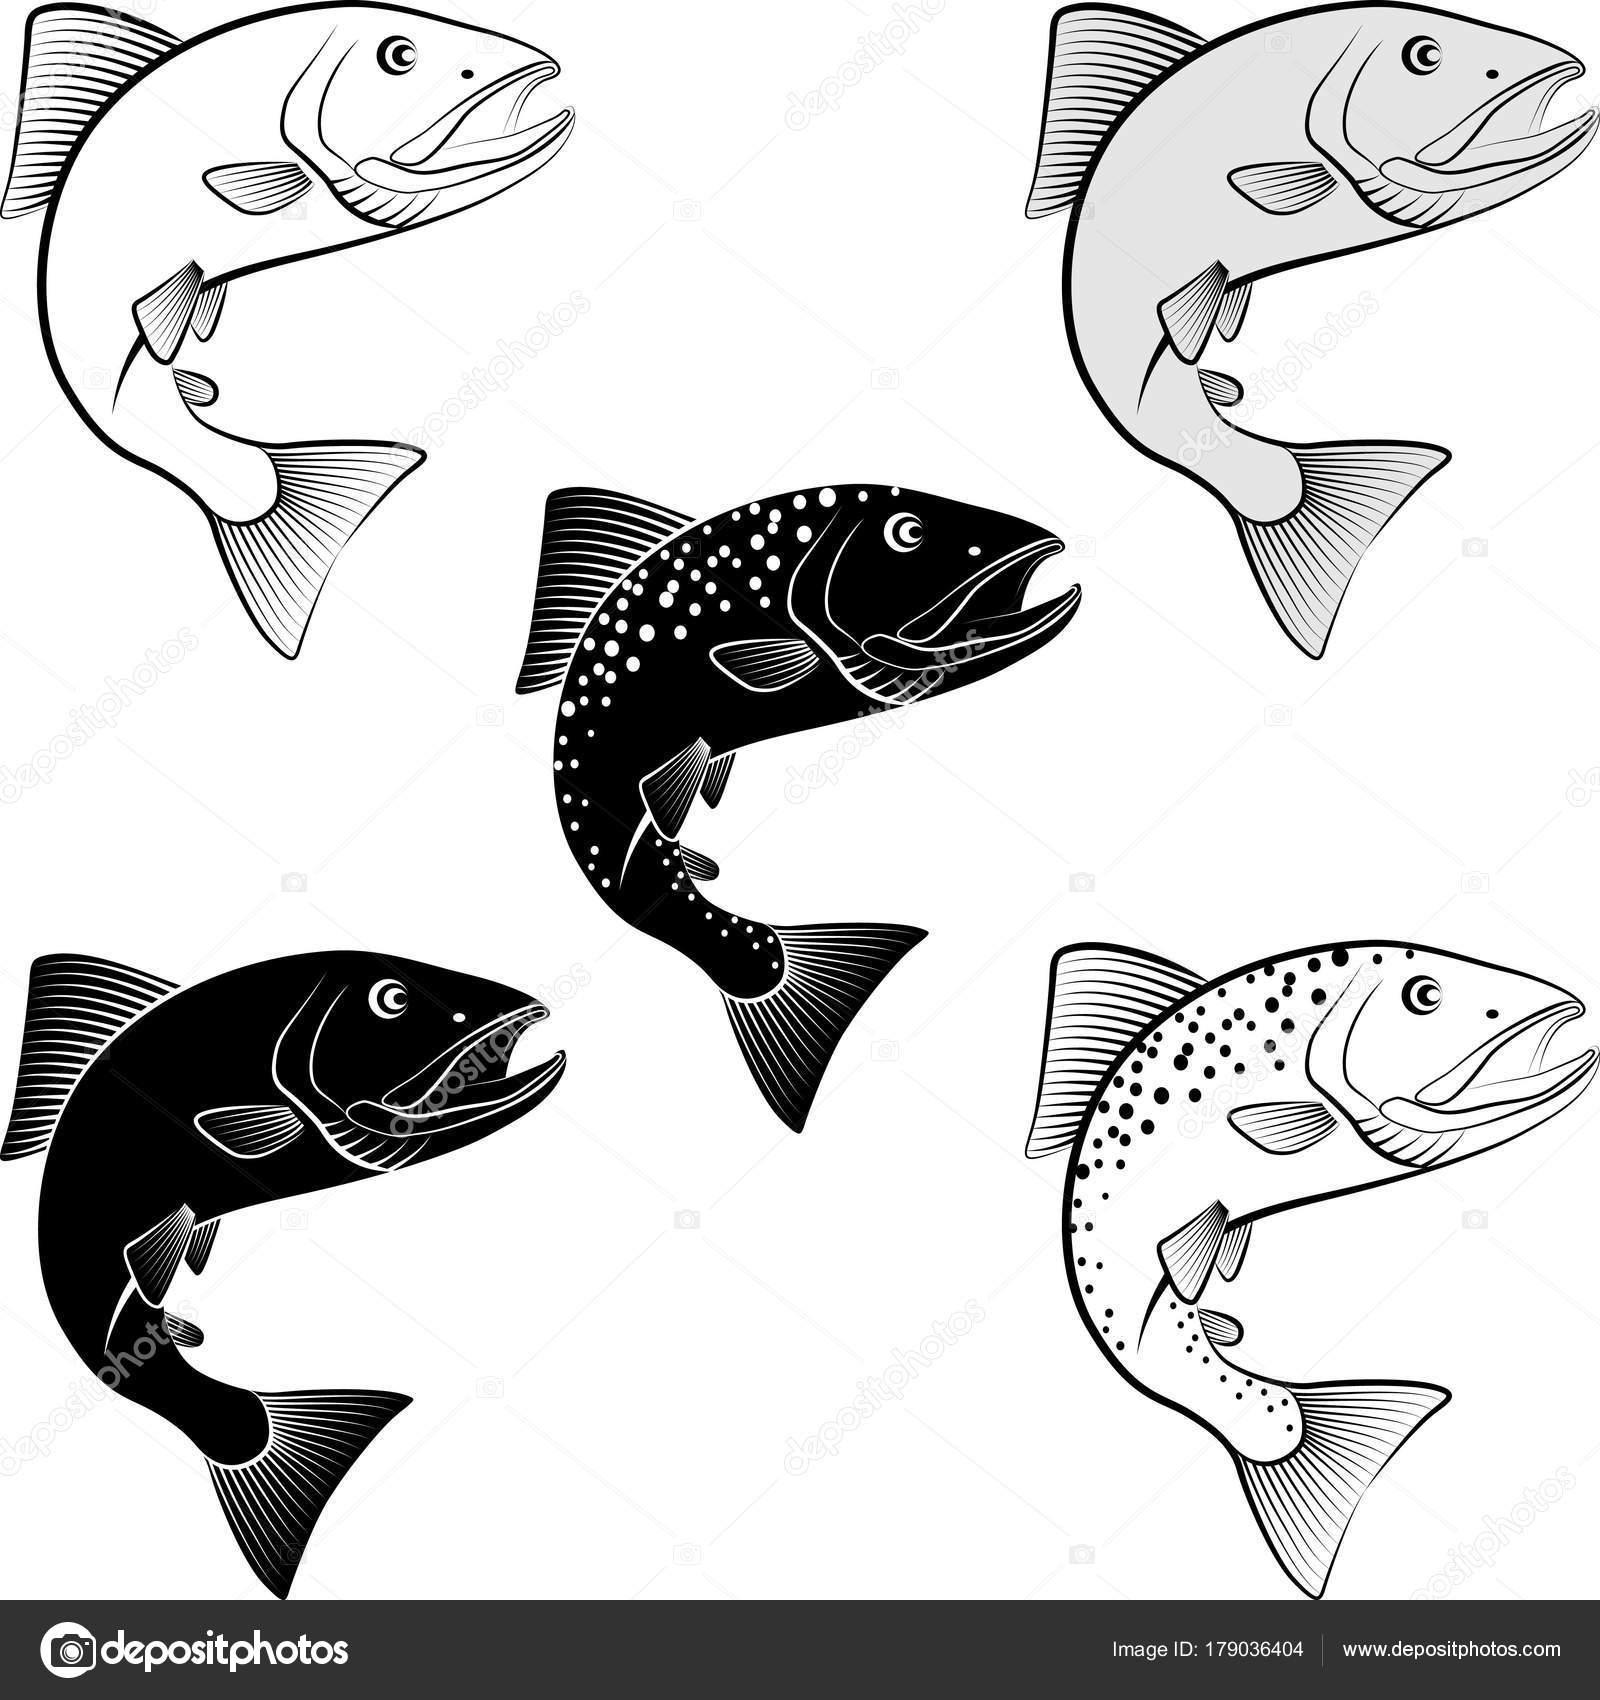 aislados salmón - ilustración vectorial — Archivo Imágenes ...